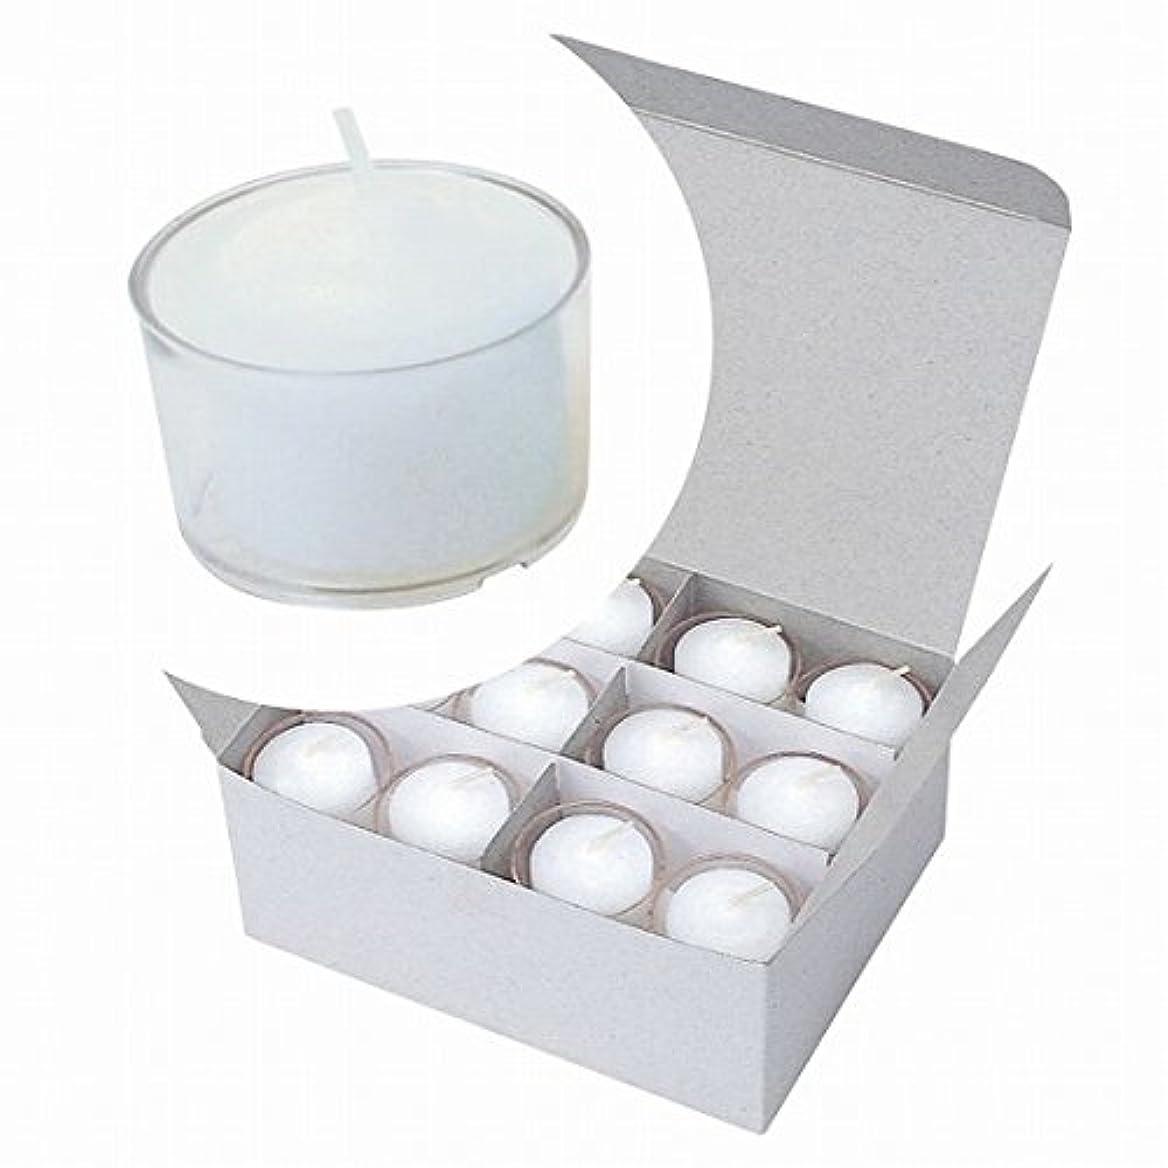 プランター矛盾する石化するカメヤマキャンドル(kameyama candle) カラークリアカップボーティブ6時間タイプ 24個入り 「 クリア 」